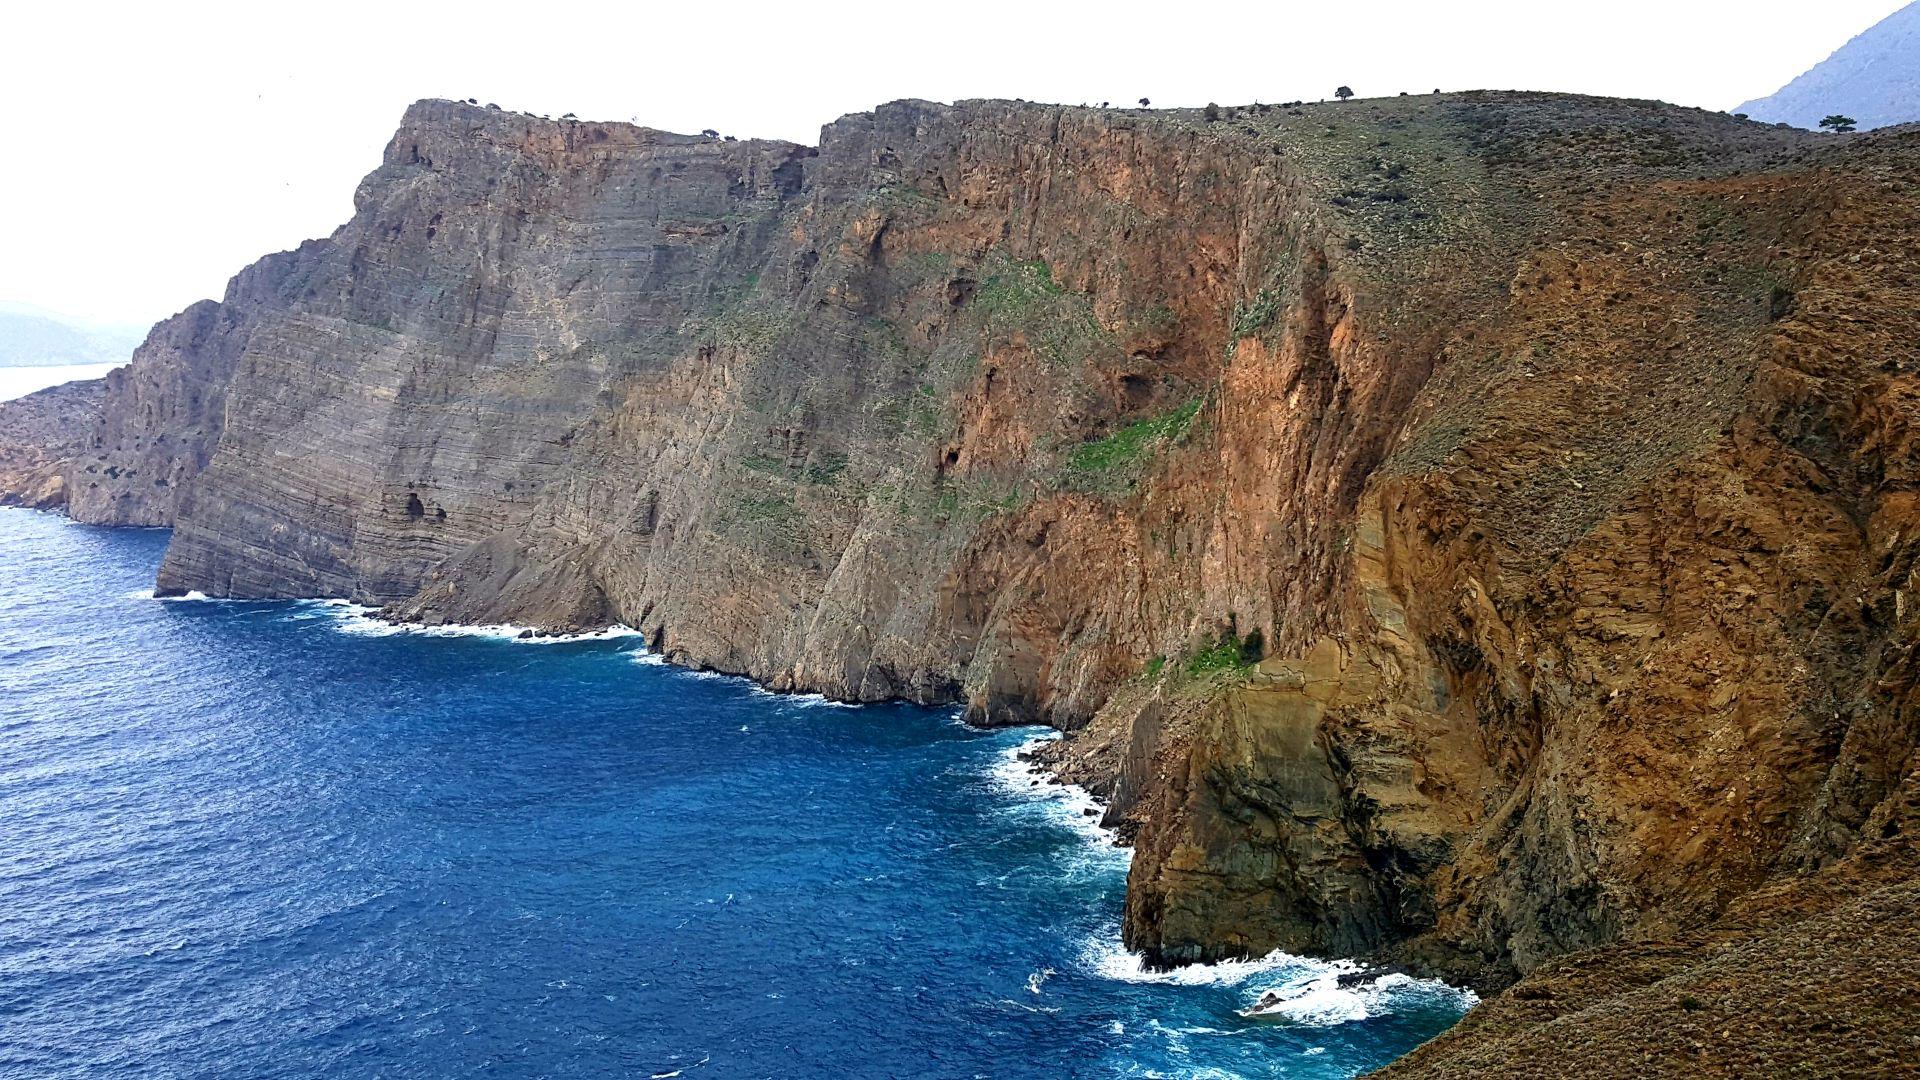 Greece geology landscape